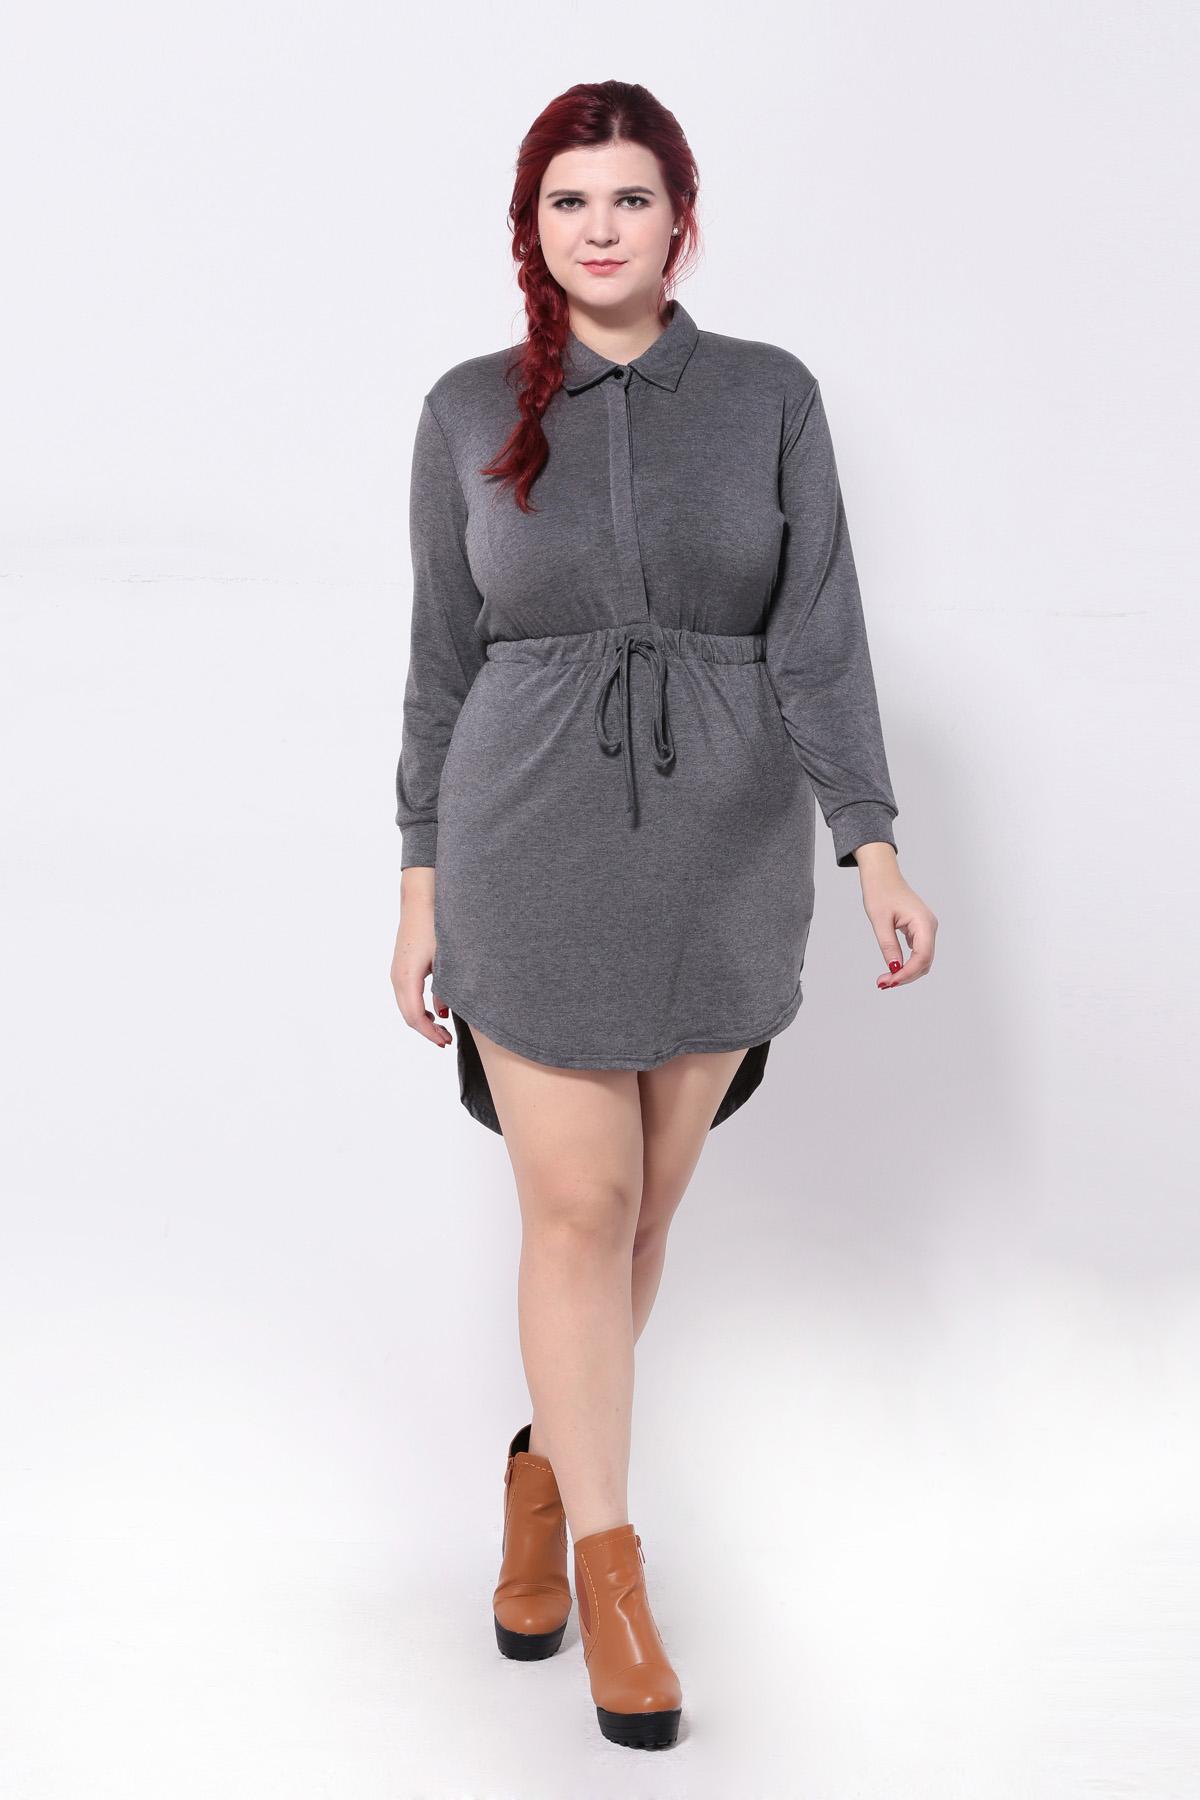 9d773f2bef33e60 Популярным среди полных девушек являются приталенные модели. Такое платье  имеет вытачки на линии талии, обеспечивая четкость силуэта. Модная длина до  колен ...